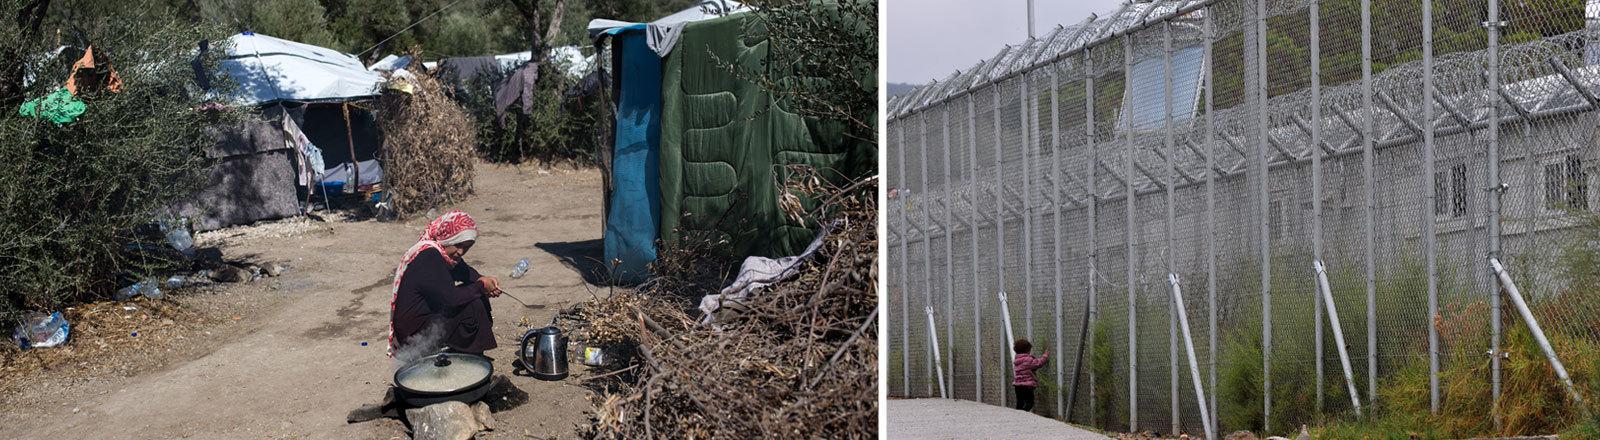 Camp Moria auf Lesbos